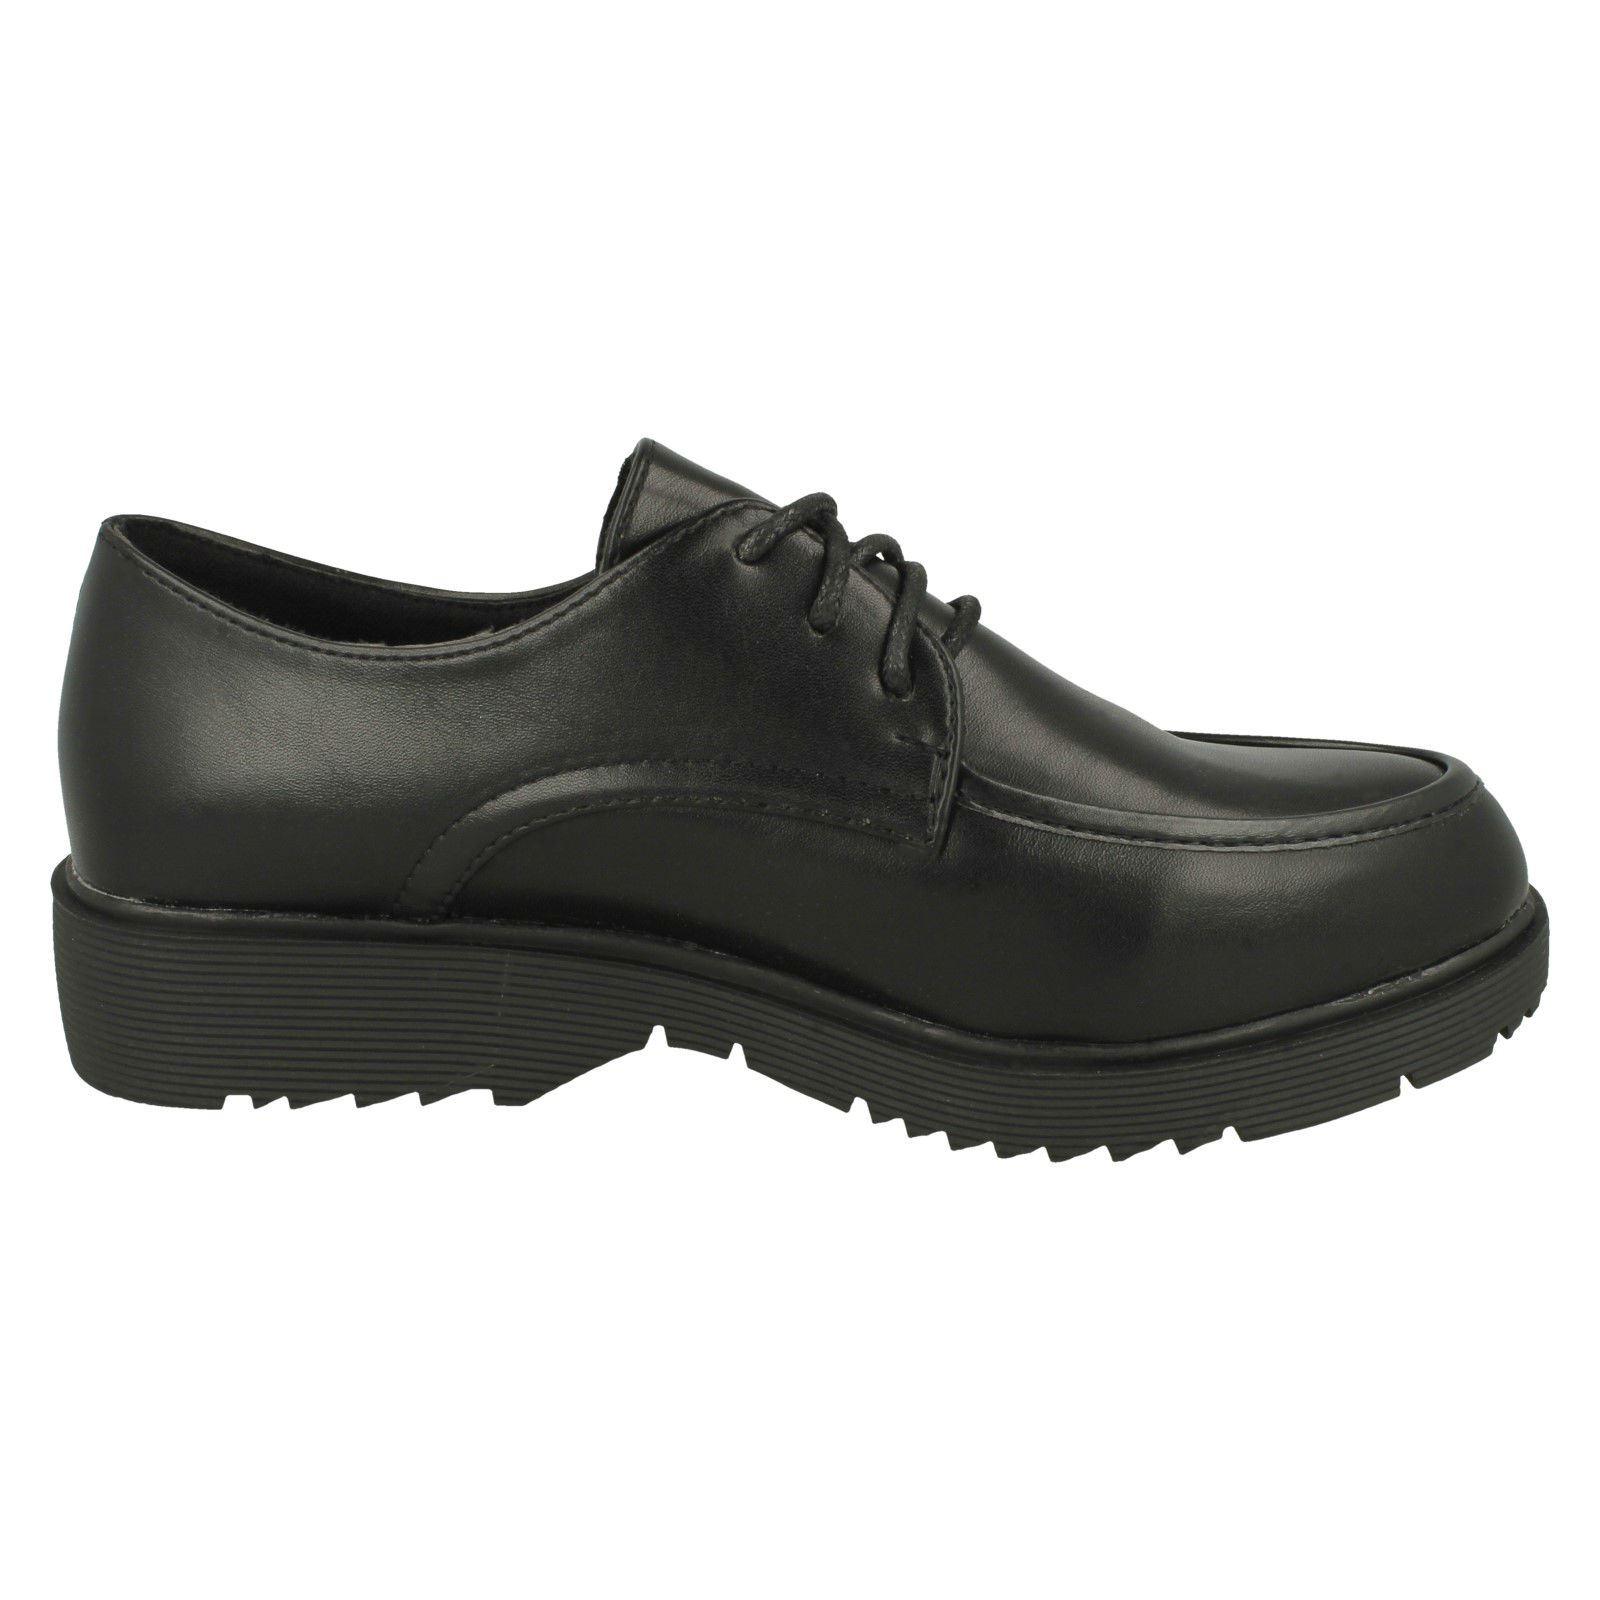 Vente femmes F9556 Chaussures à Par Spot On Détail £ 2.99